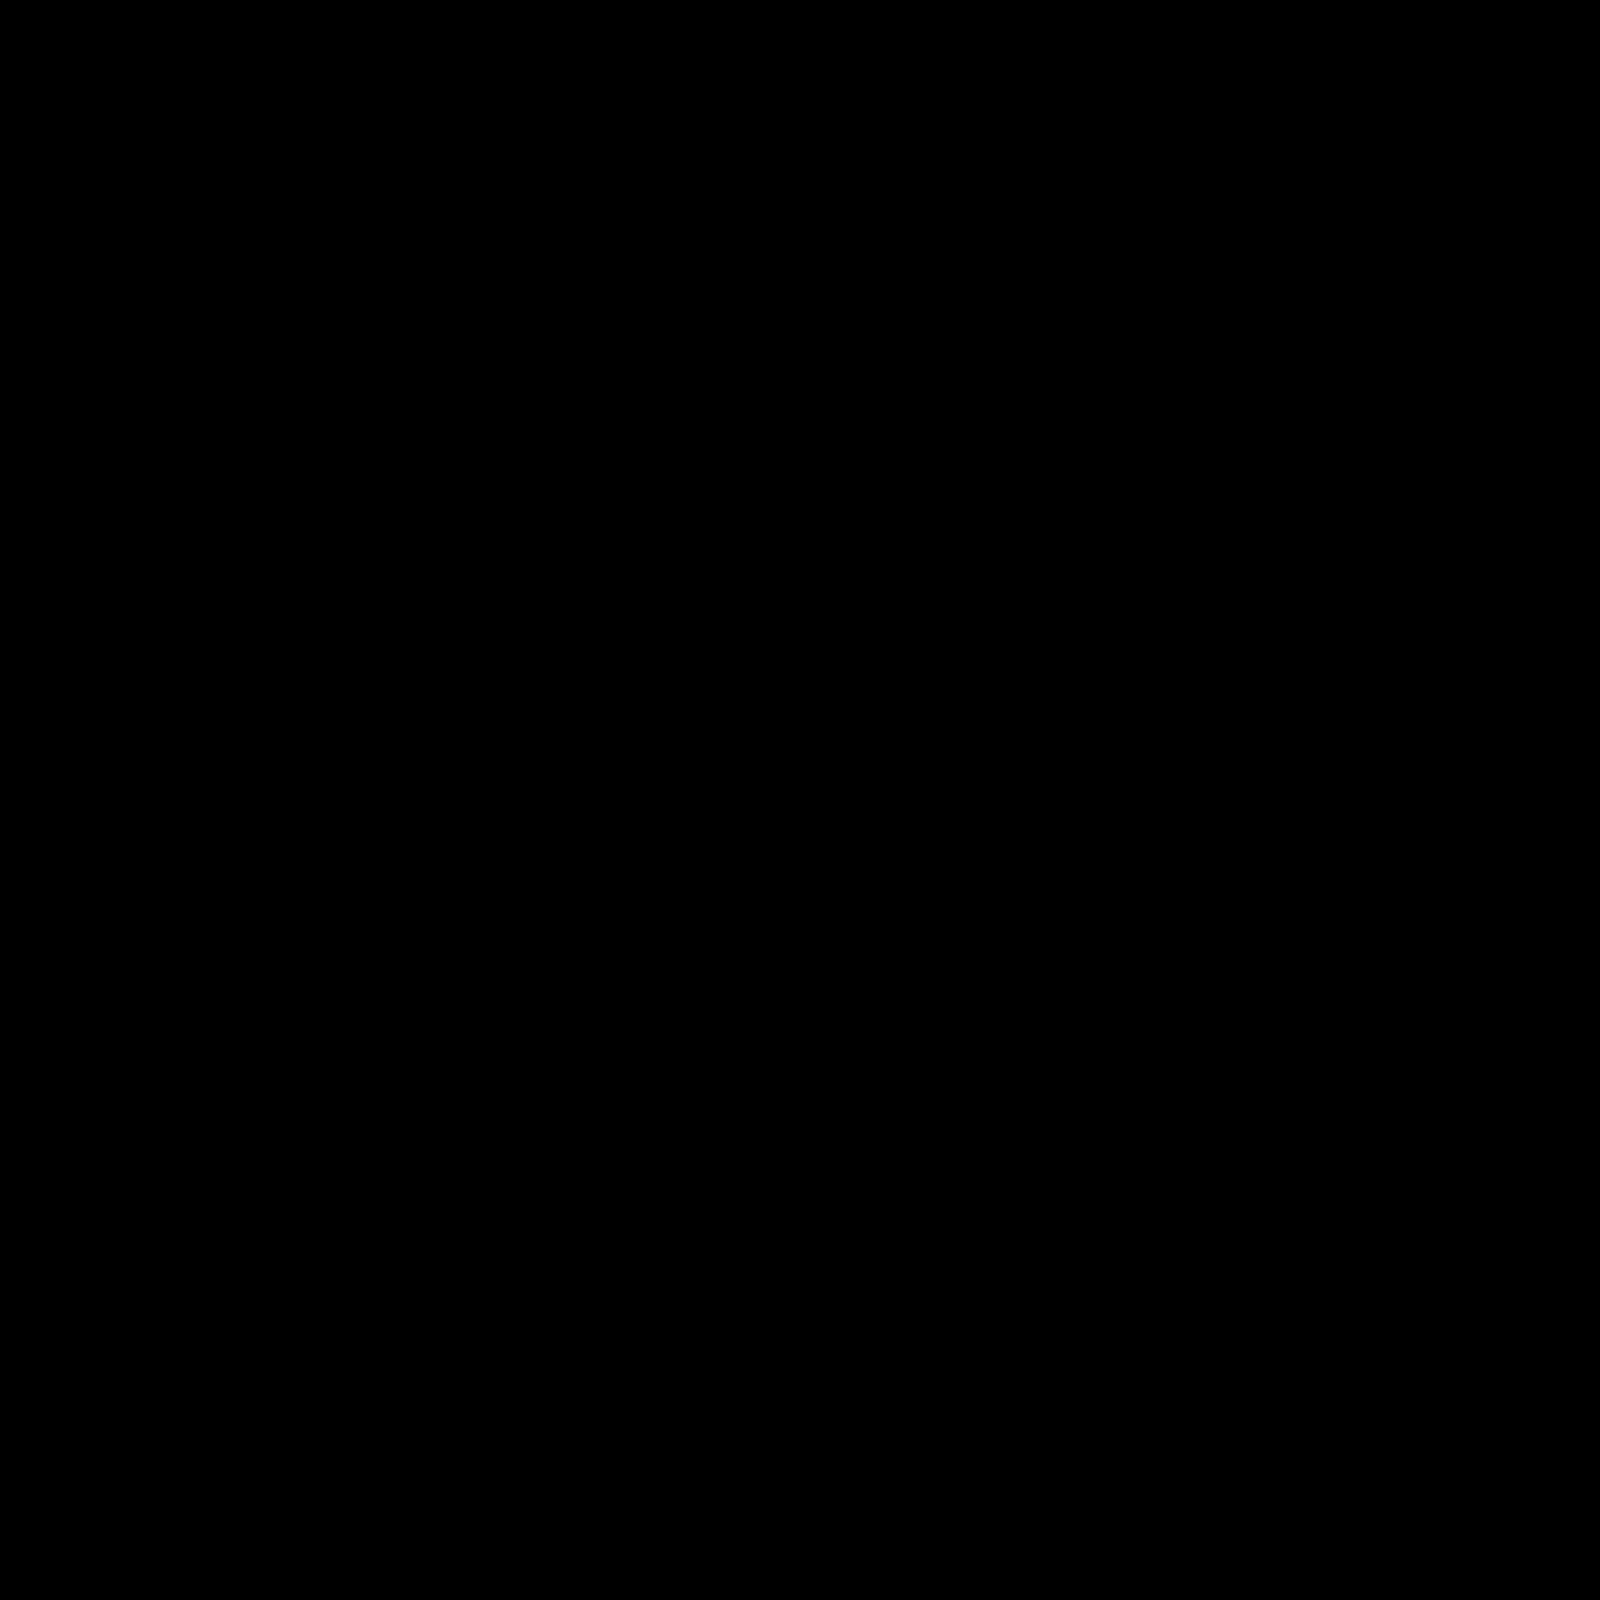 差评 icon. Its a hand making a thumbs down sign. The hand is somewhat rectangular and the thumb pointing down is at about a twenty-five degree angle. The index finger and pinkie are approximately the same size, and the two middle fingers are the same size as each other.